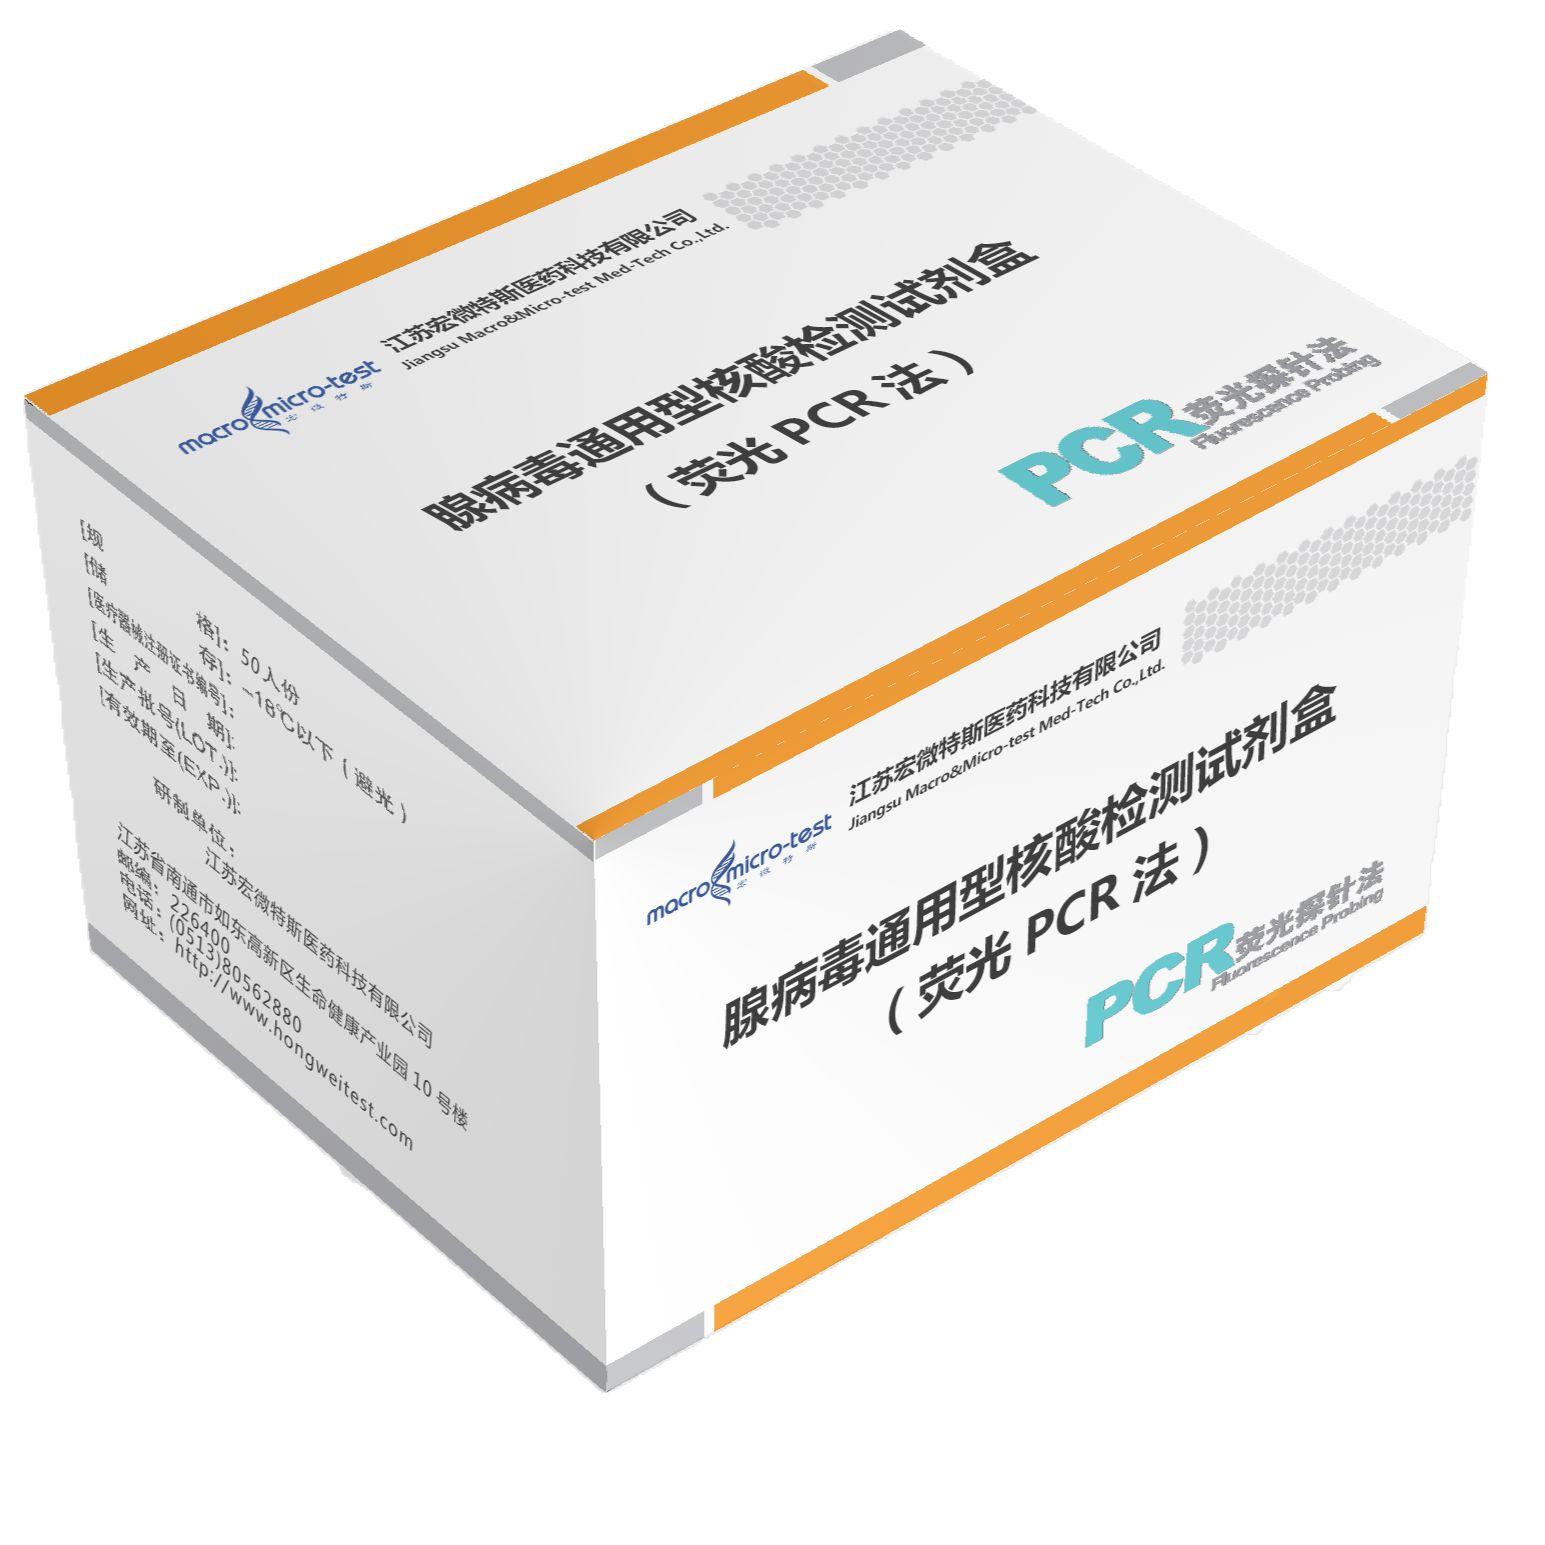 腺病毒通用型核酸检测试剂盒(荧光PCR法)